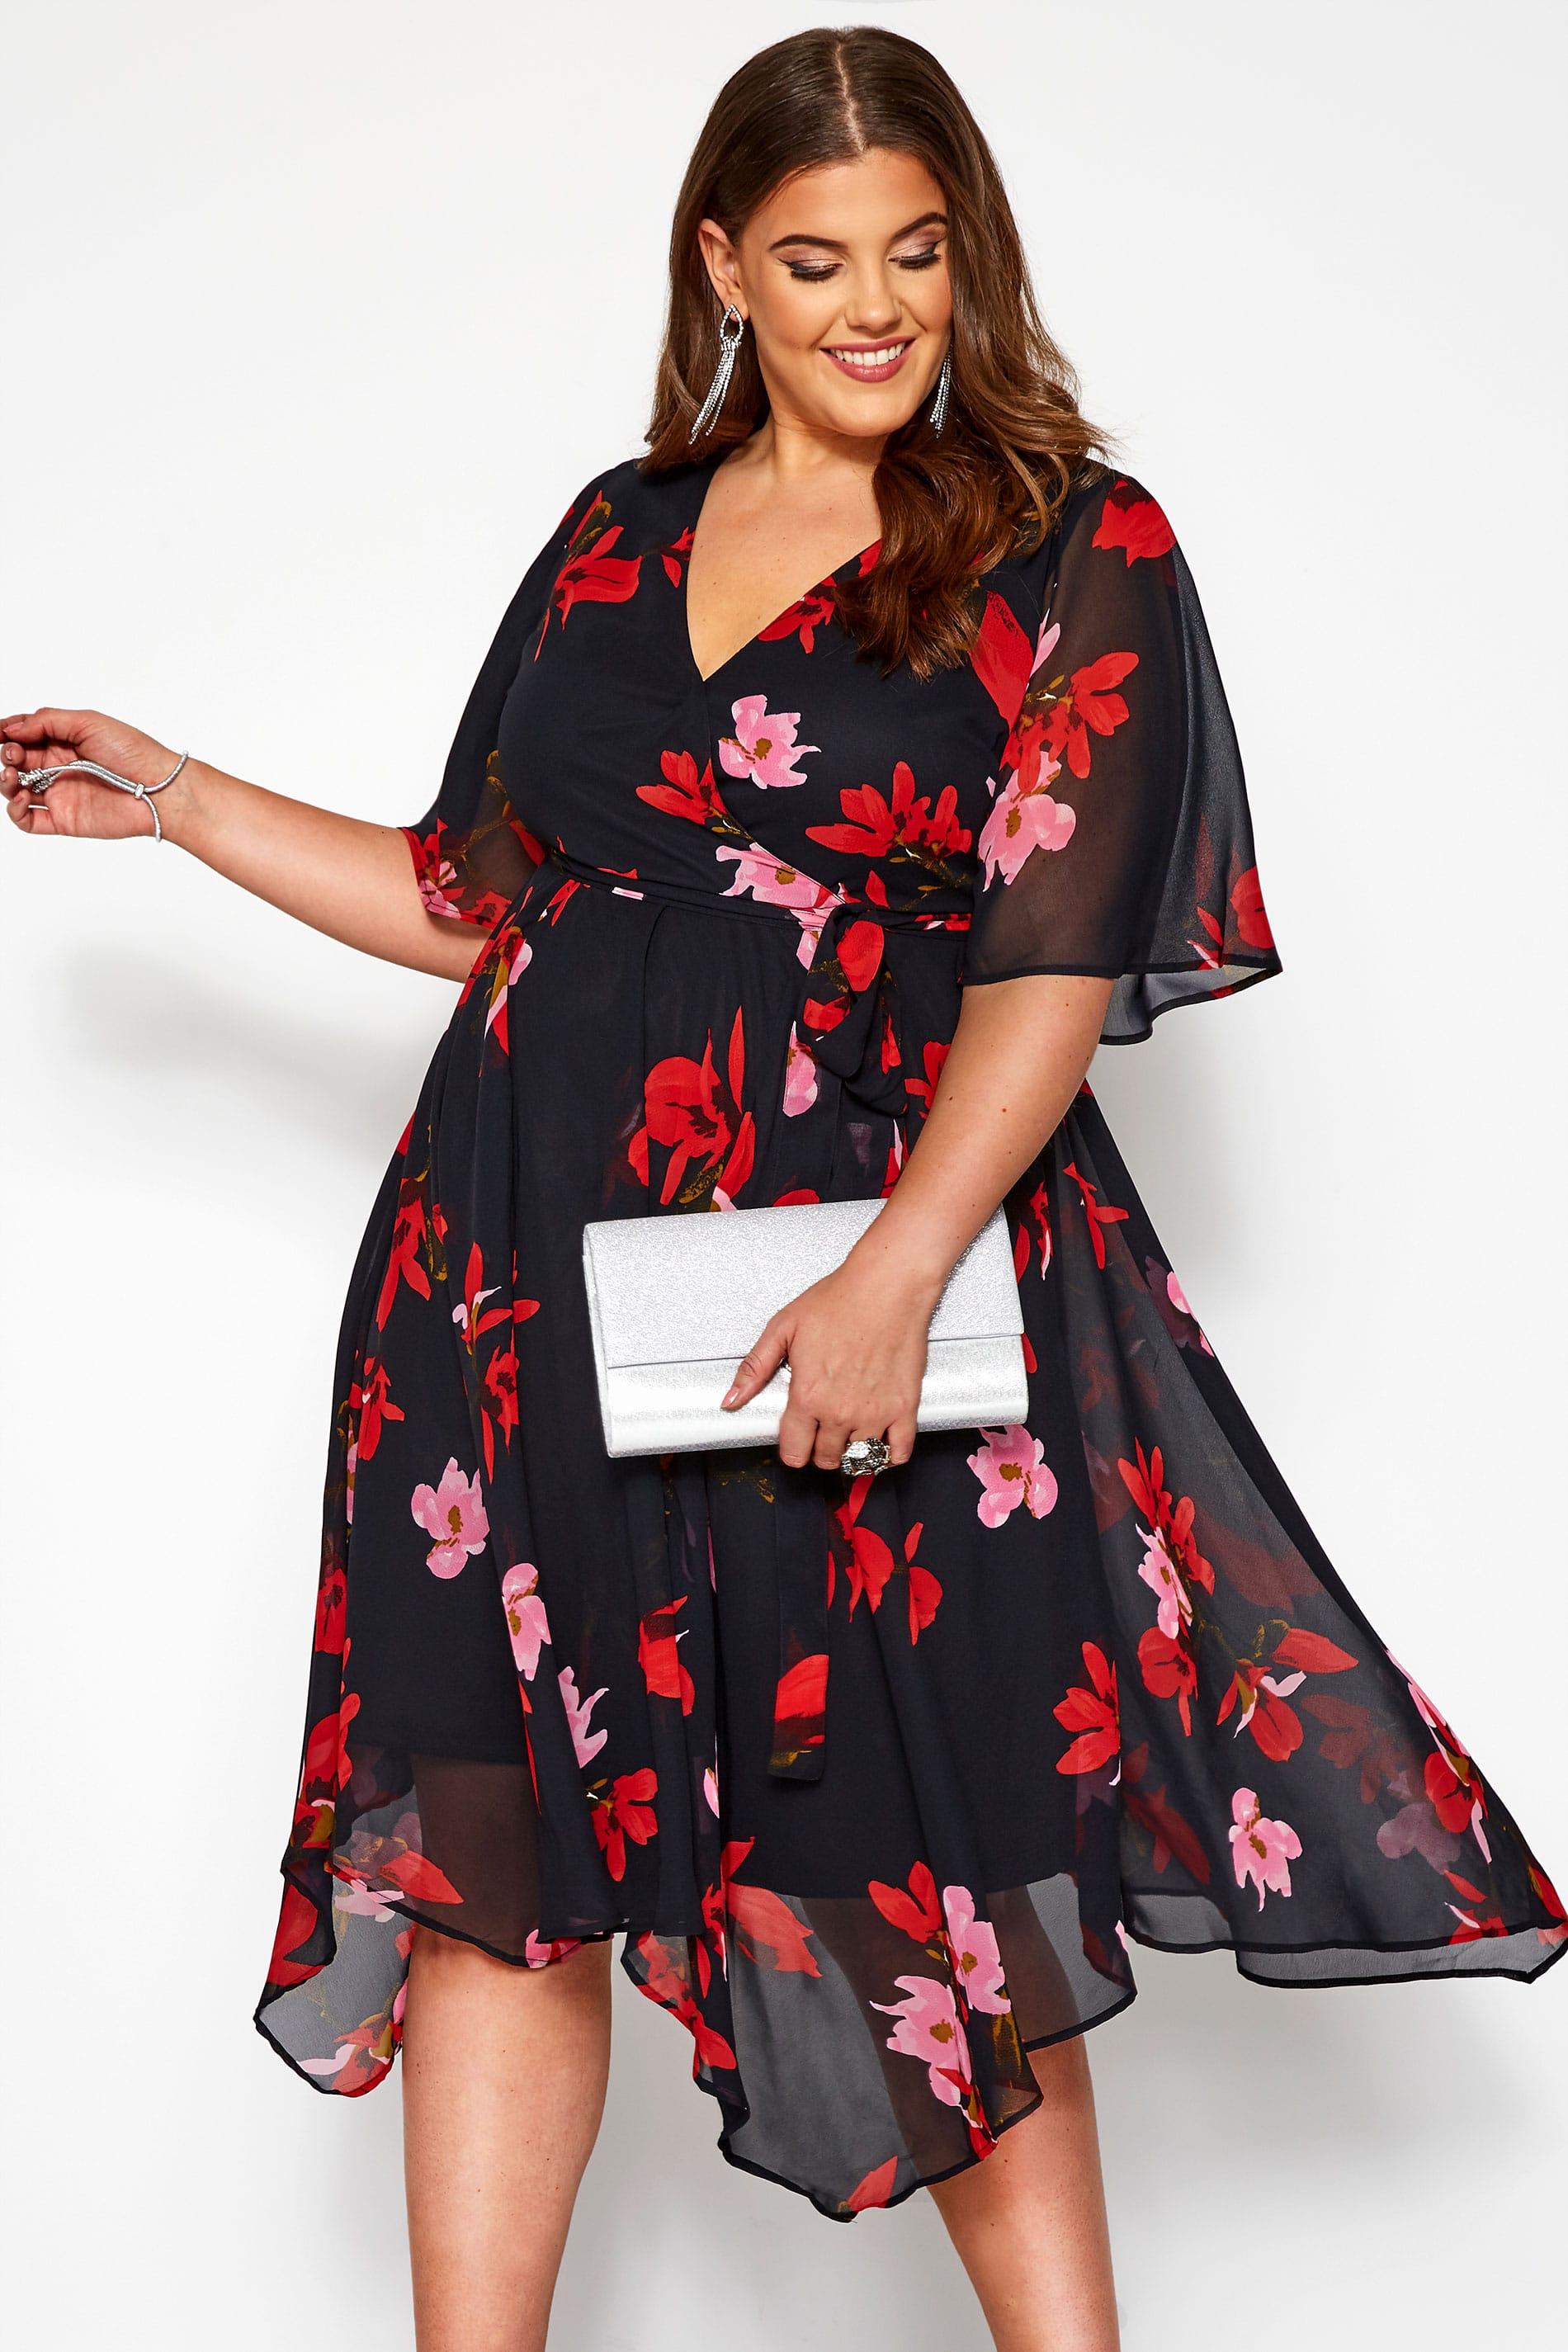 Zipfelsaum-Kleid mit Rosen-Muster - Schwarz/Rot